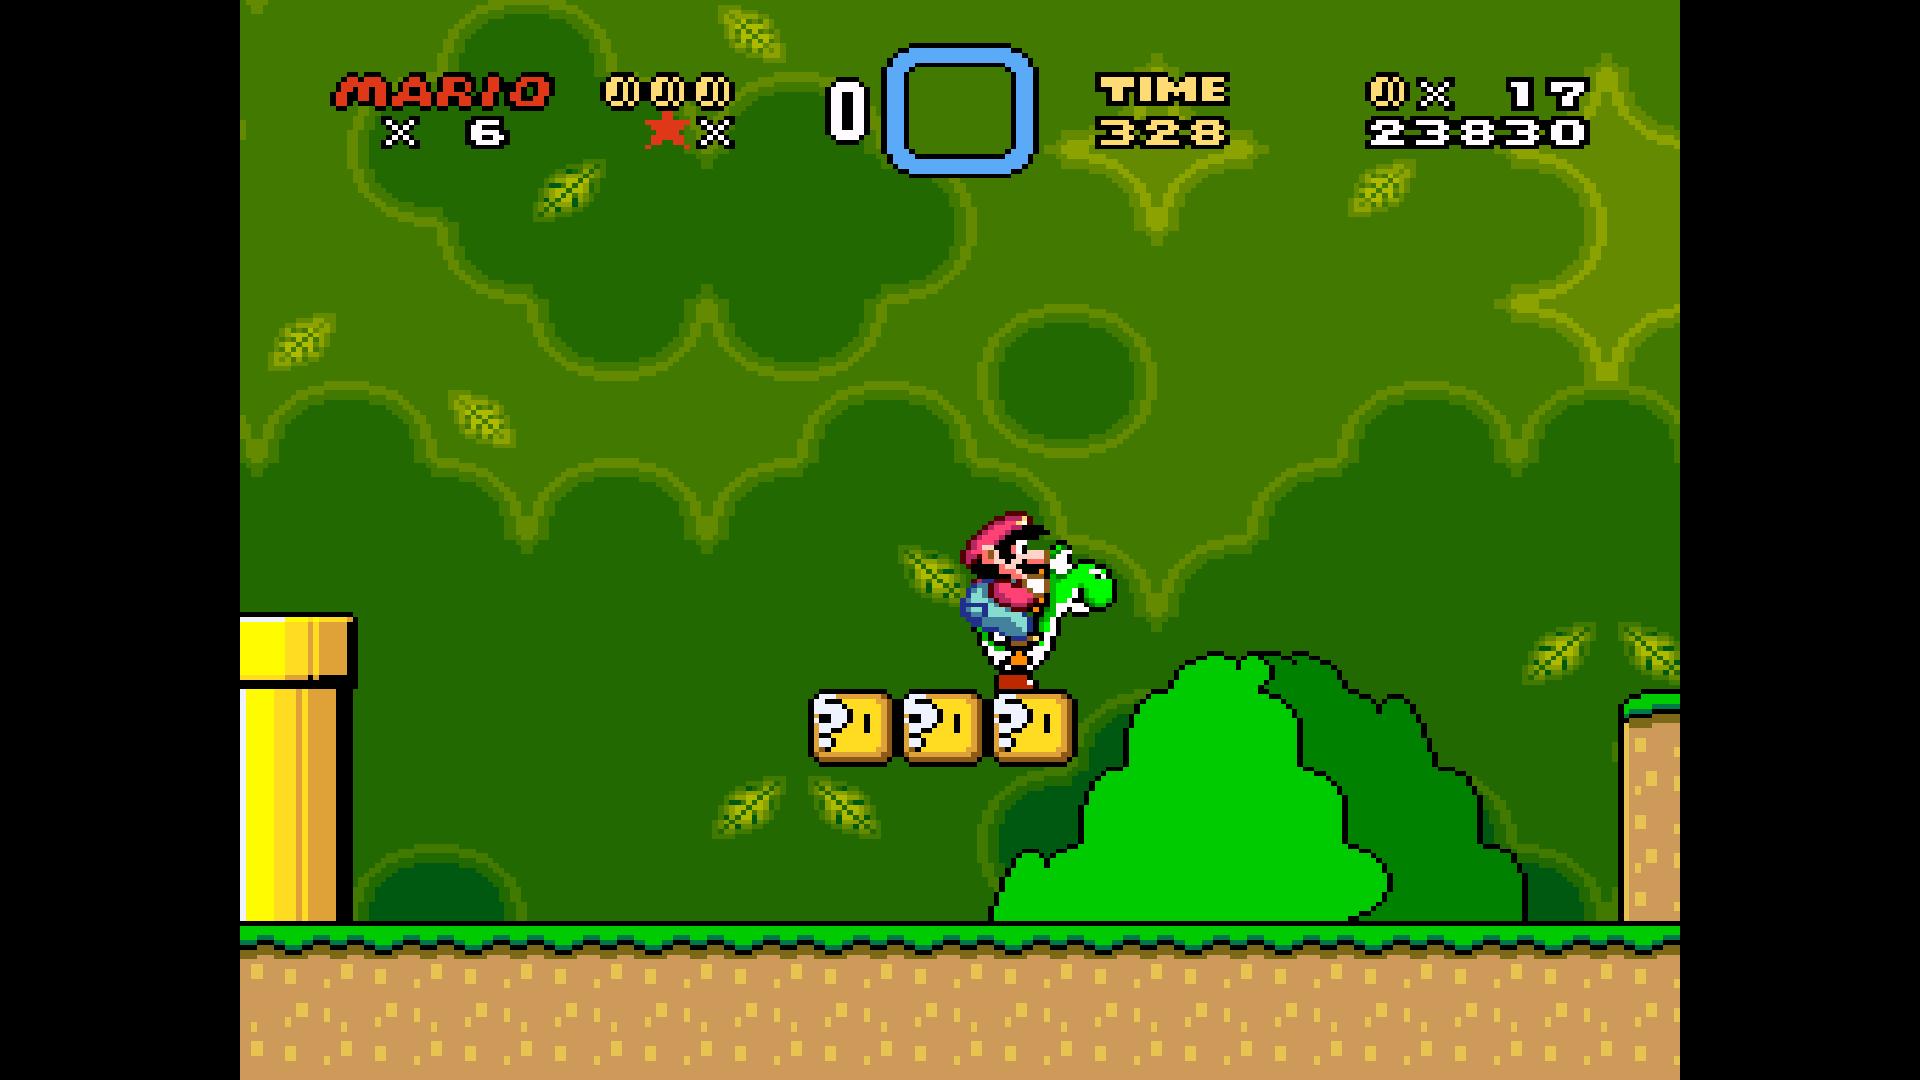 Retro Mario Gameplay